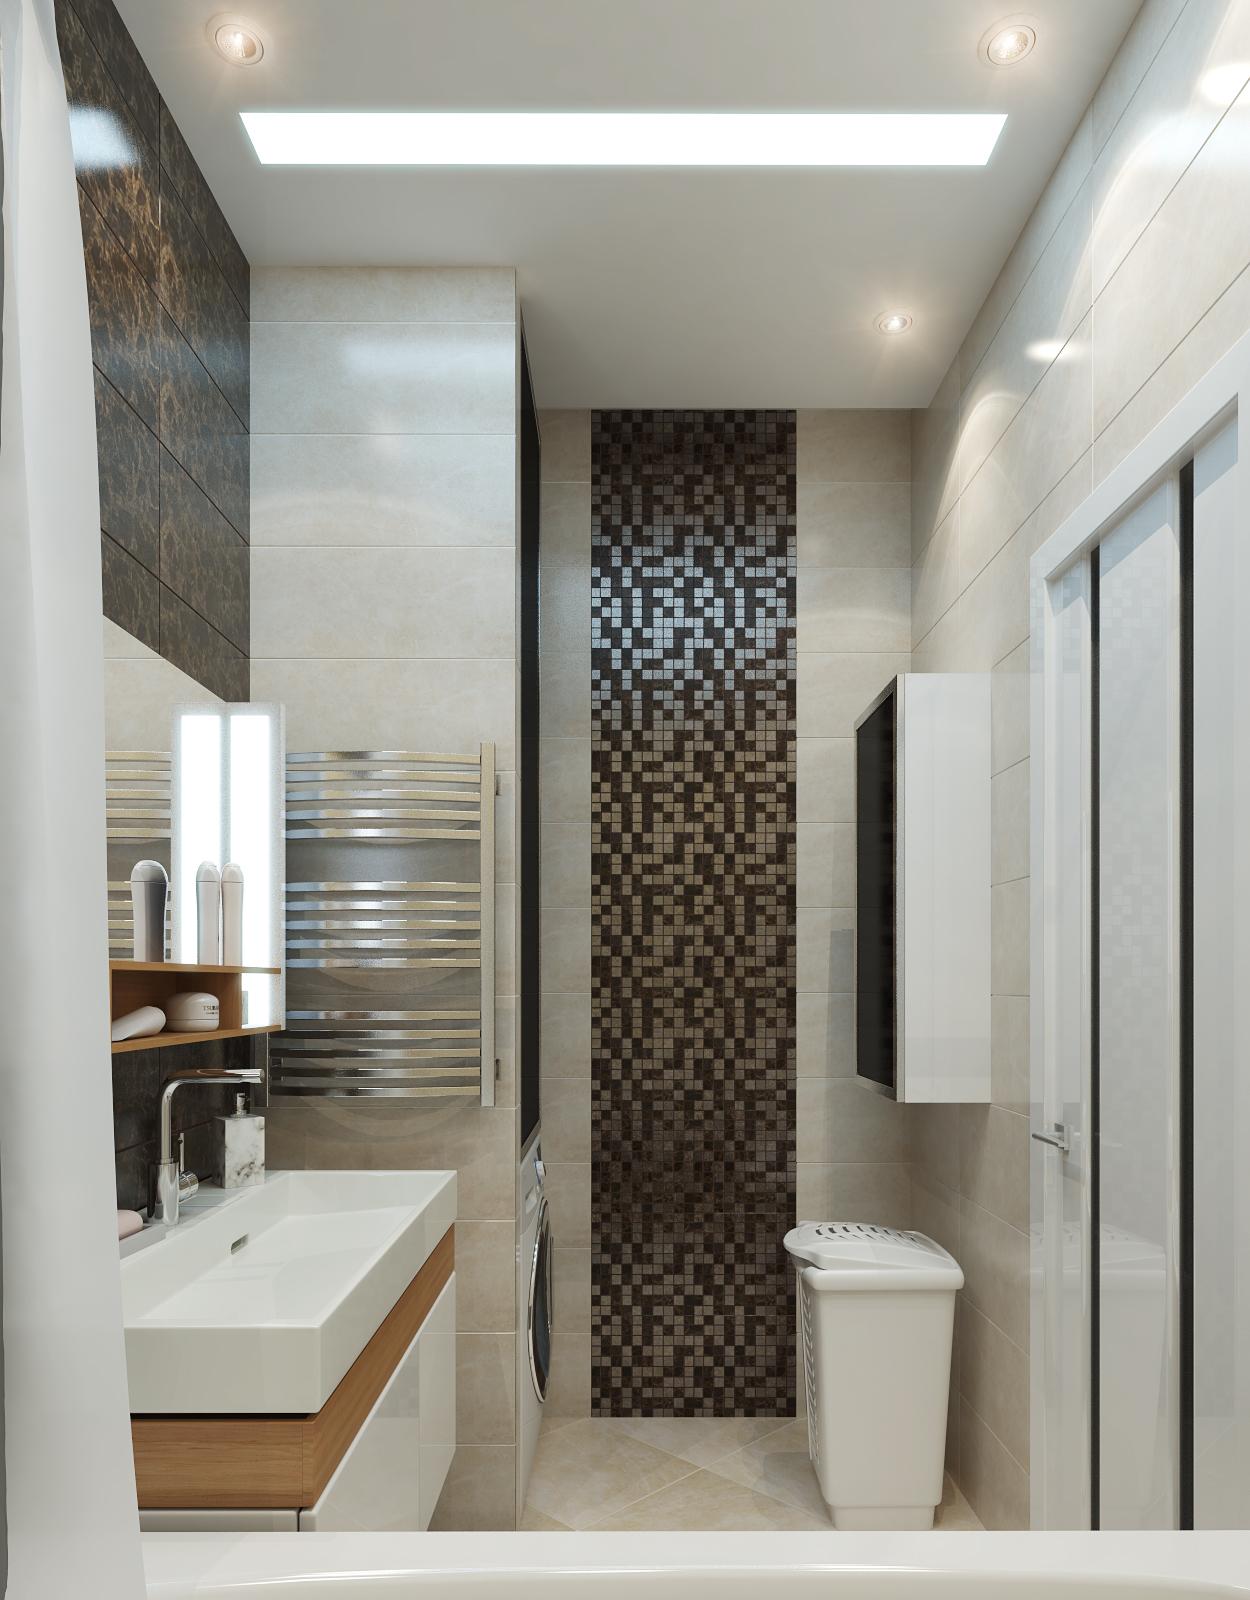 дизайн интерьера ванной нео классика (4)